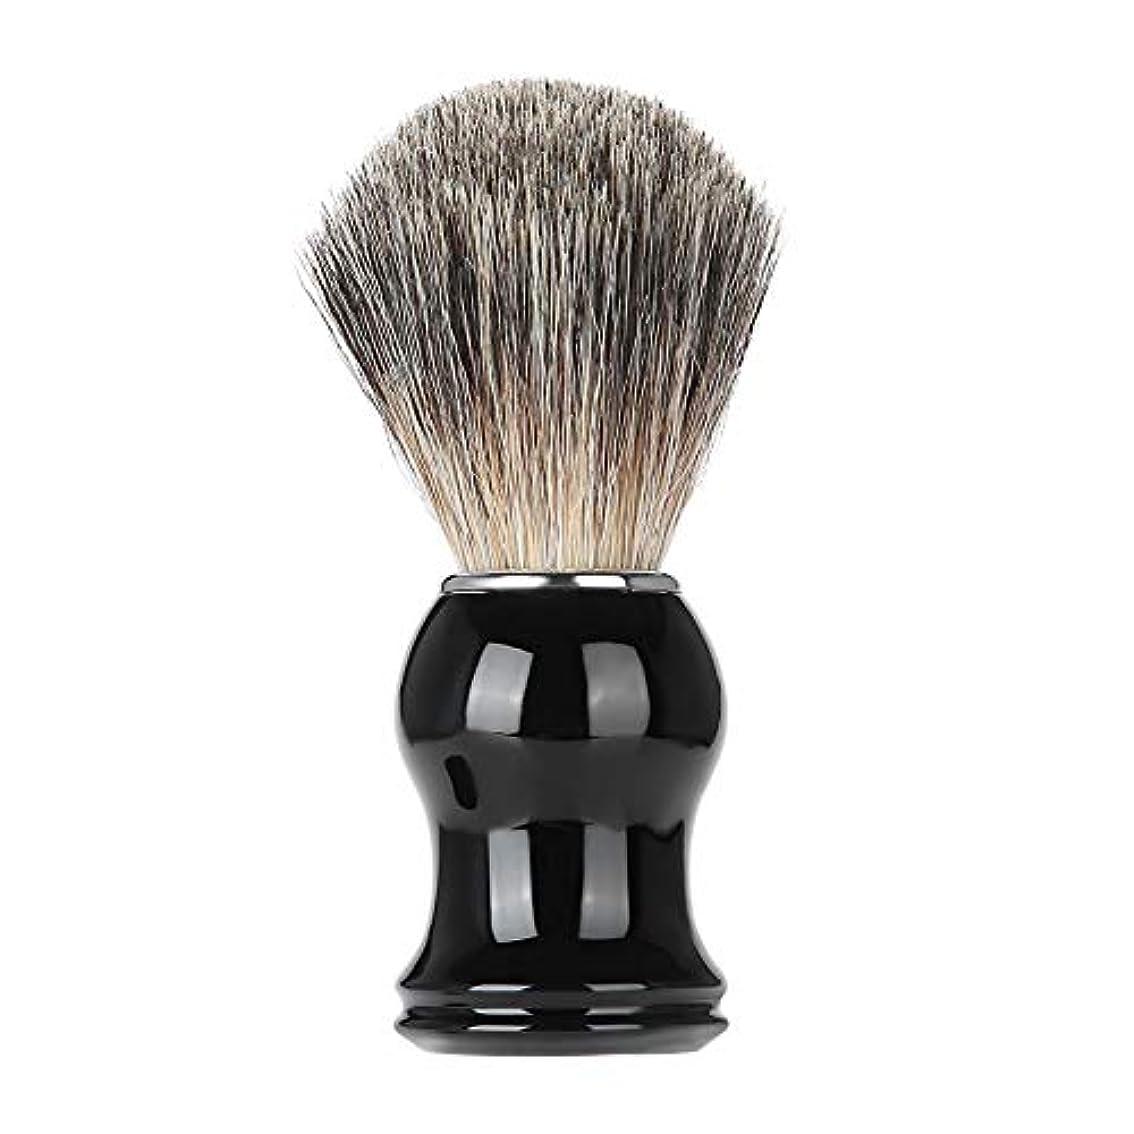 もろい毎週ファイアルNitrip シェービングブラシ ひげブラシ ひげケア アナグマ毛 理容 洗顔 髭剃り 泡立ち シェービング用アクセサリー 男性用 高級